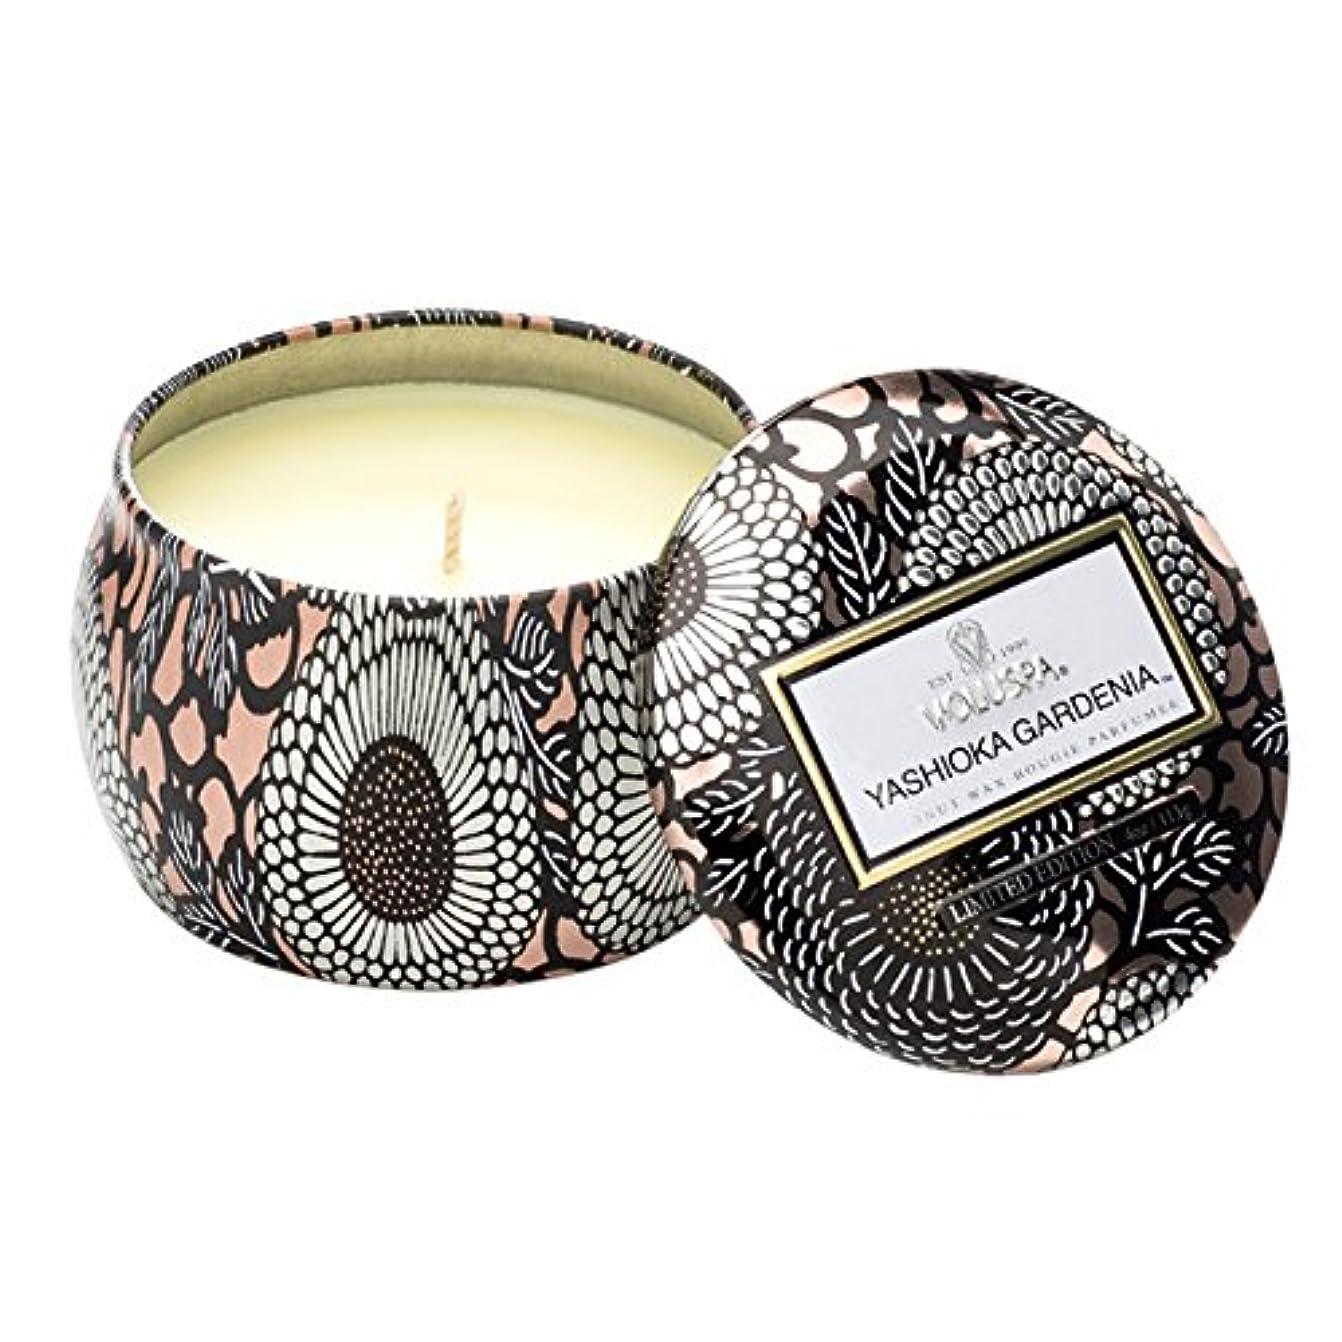 サンダース小石程度Voluspa ボルスパ ジャポニカ リミテッド ティンキャンドル  S ヤシオカガーデニア YASHIOKA GARDENIA JAPONICA Limited PETITE Tin Glass Candle